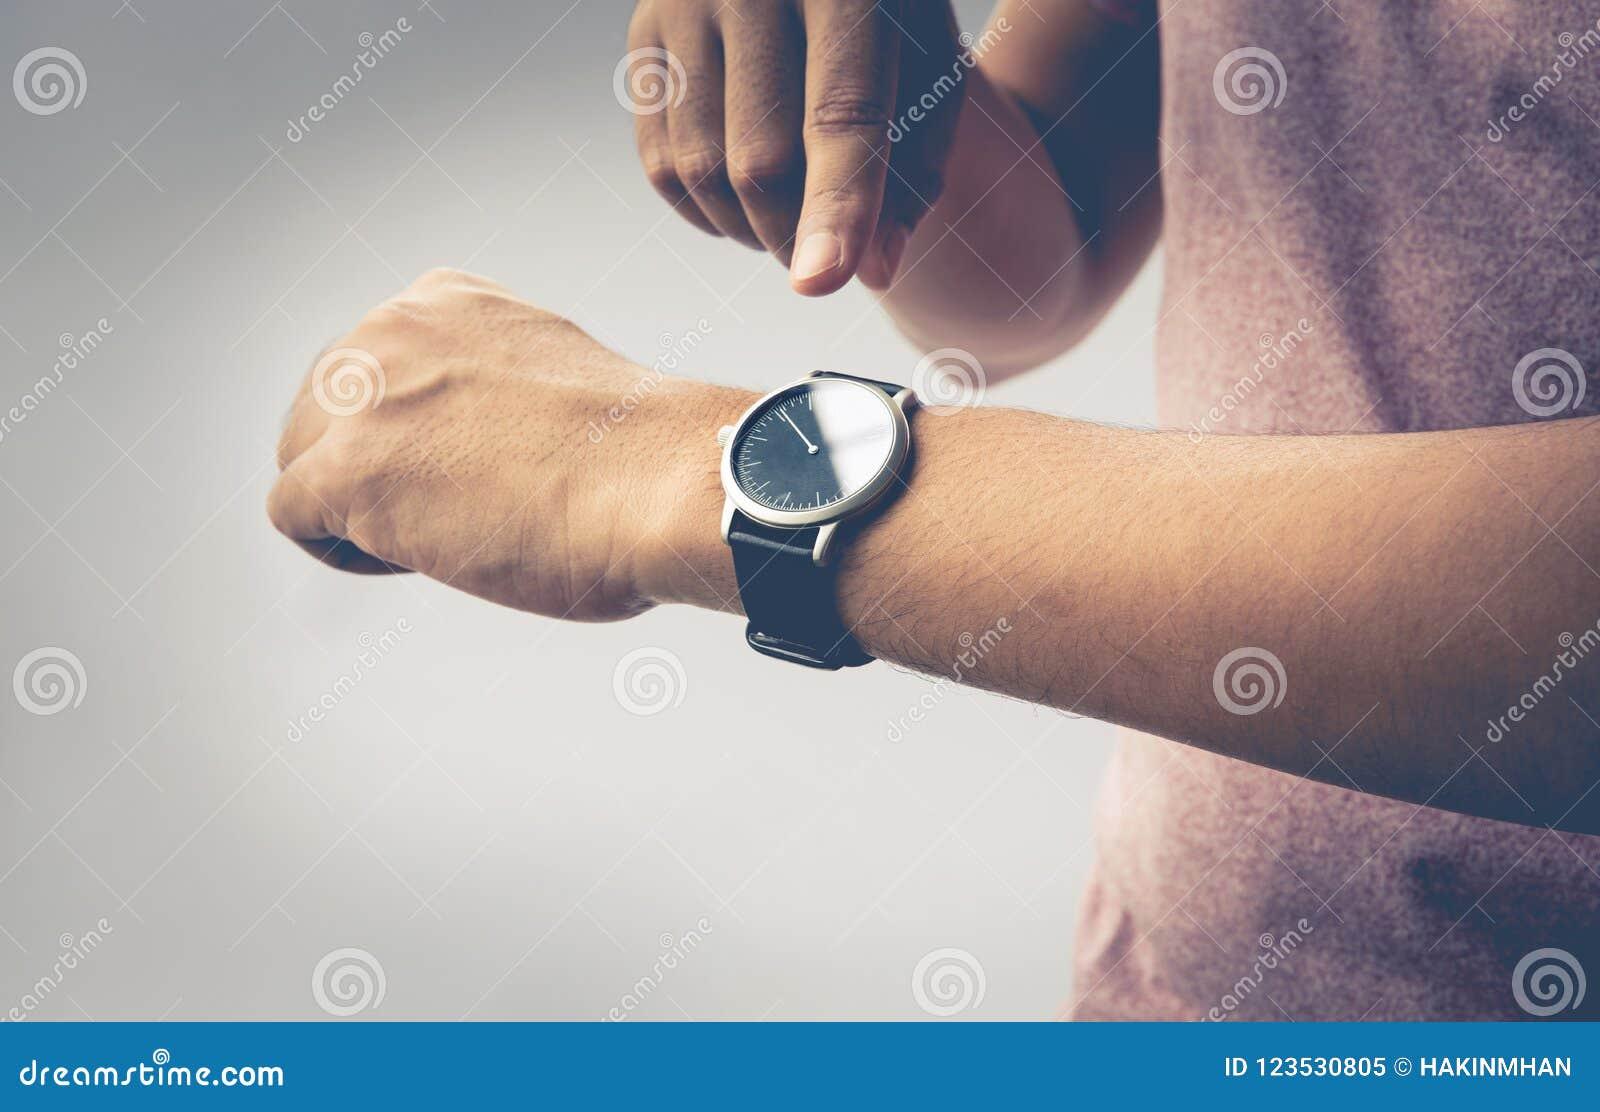 Zeitkonzeptidee mit Abschluss passen oben auf männlichen Arm auf